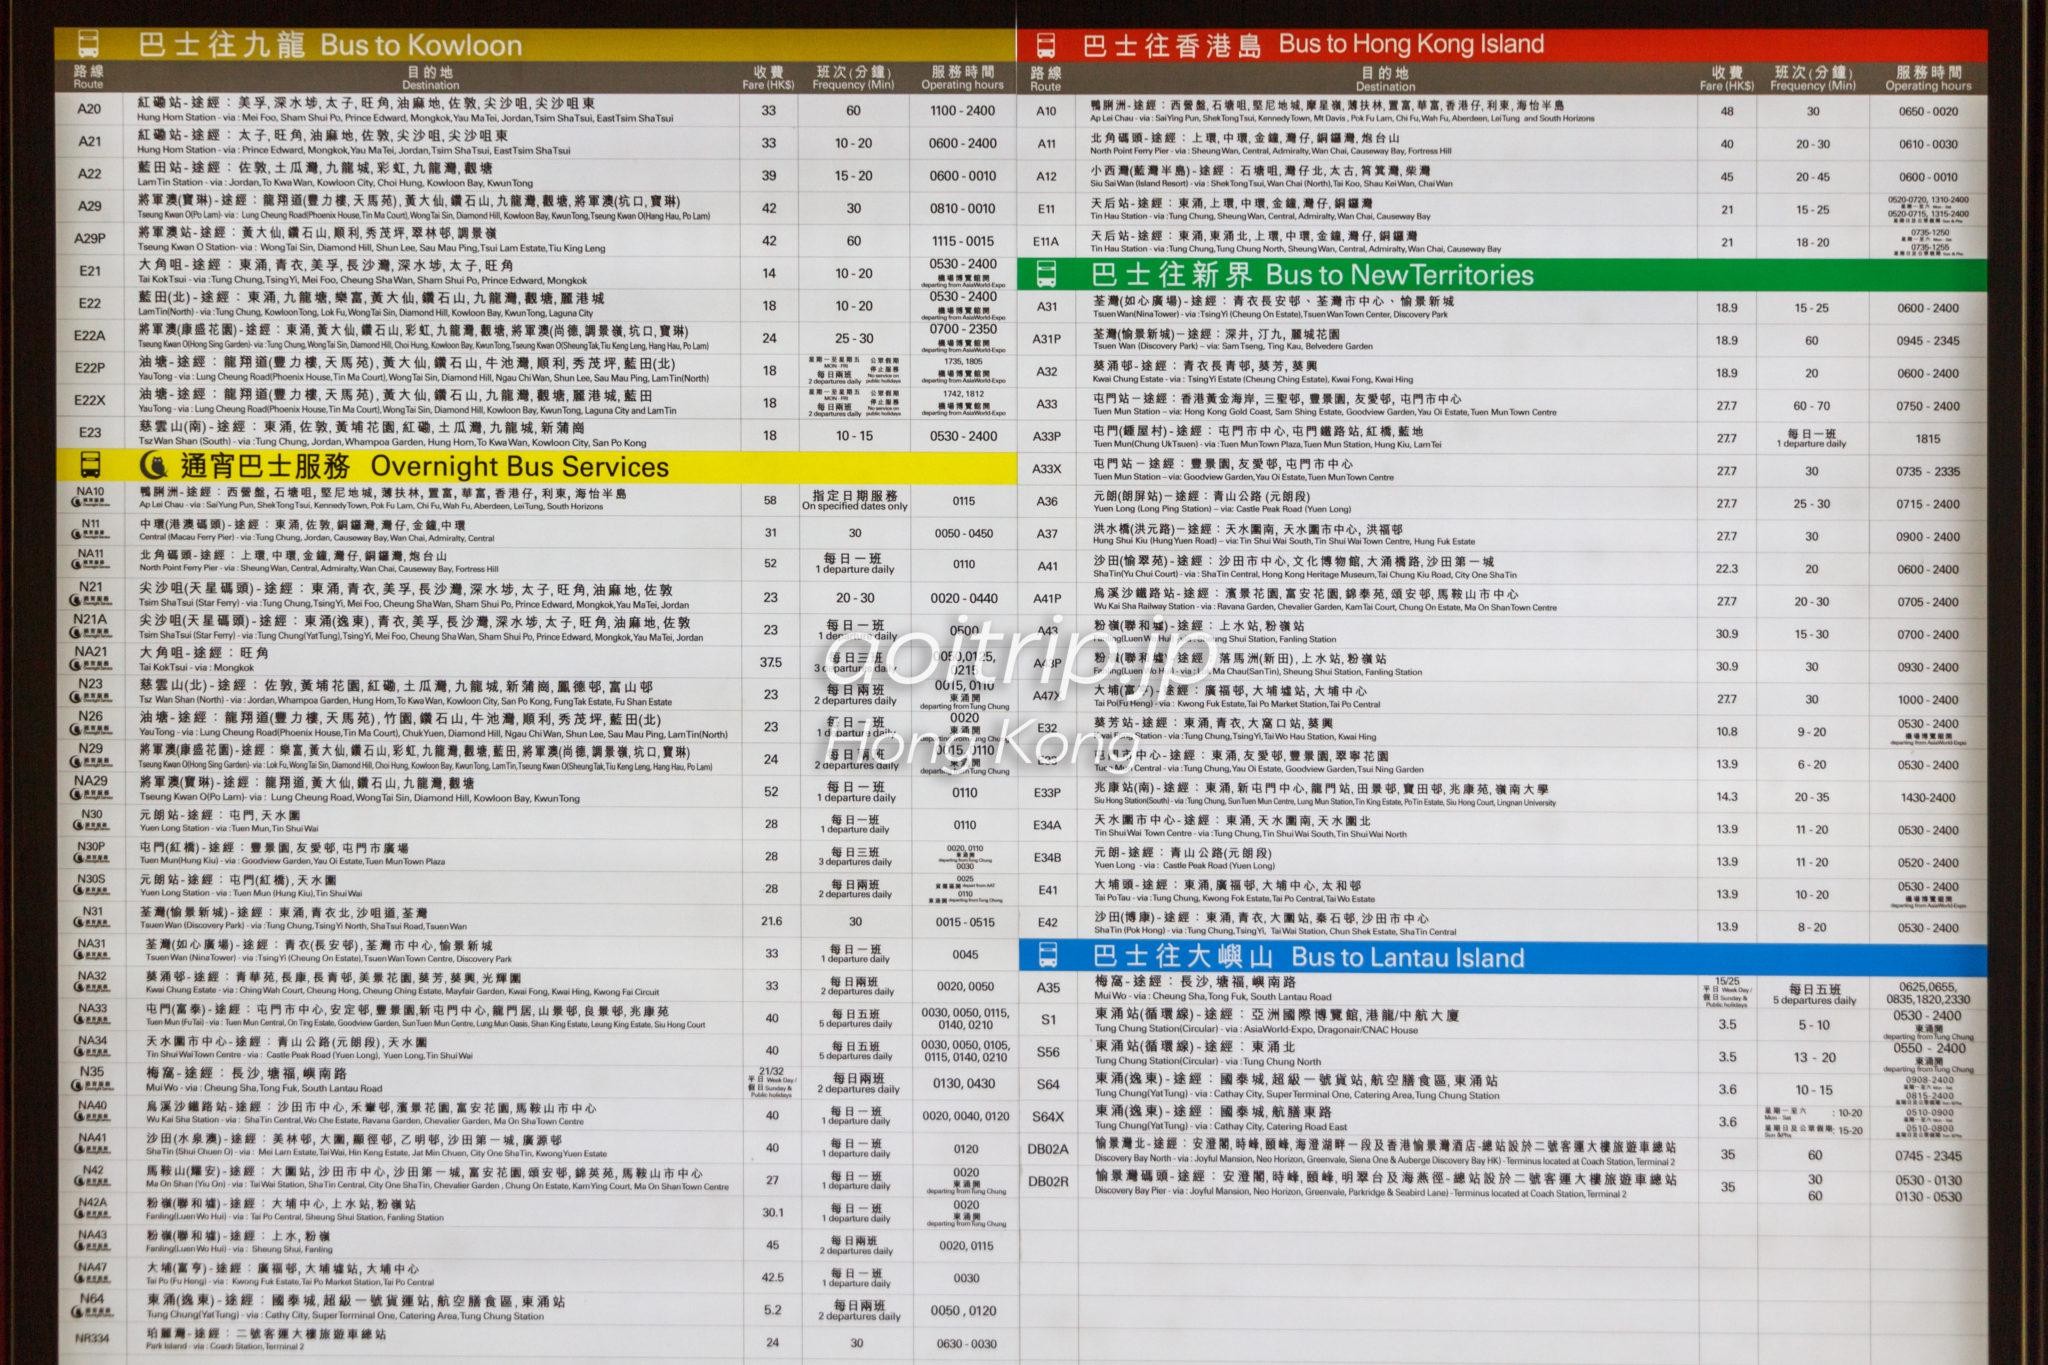 香港空港シャトルバスのルート・料金案内